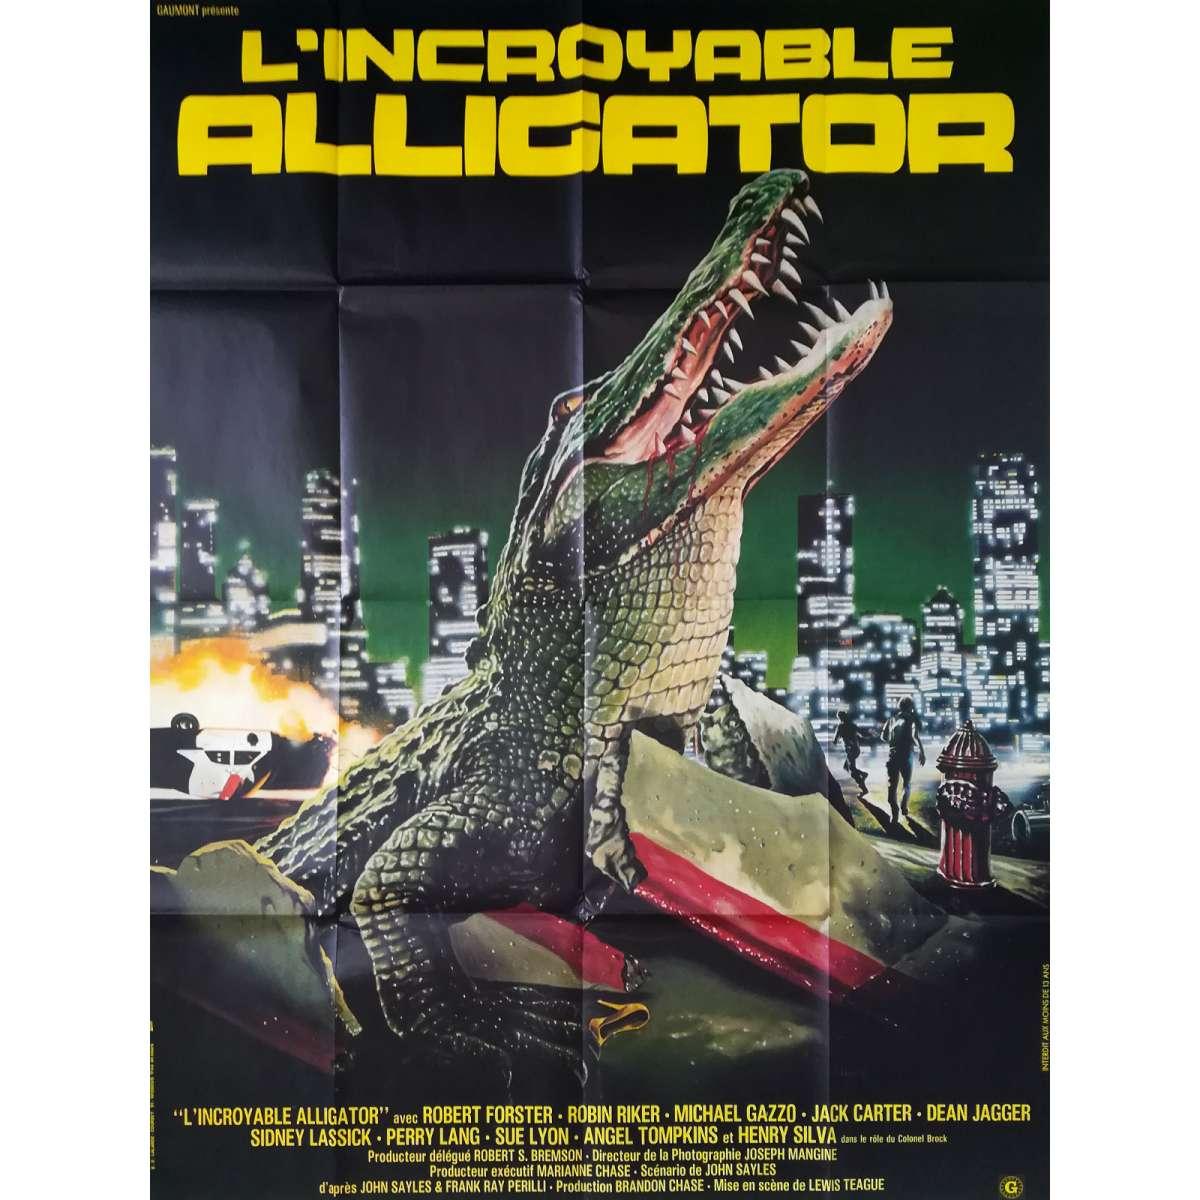 alligator original movie poster